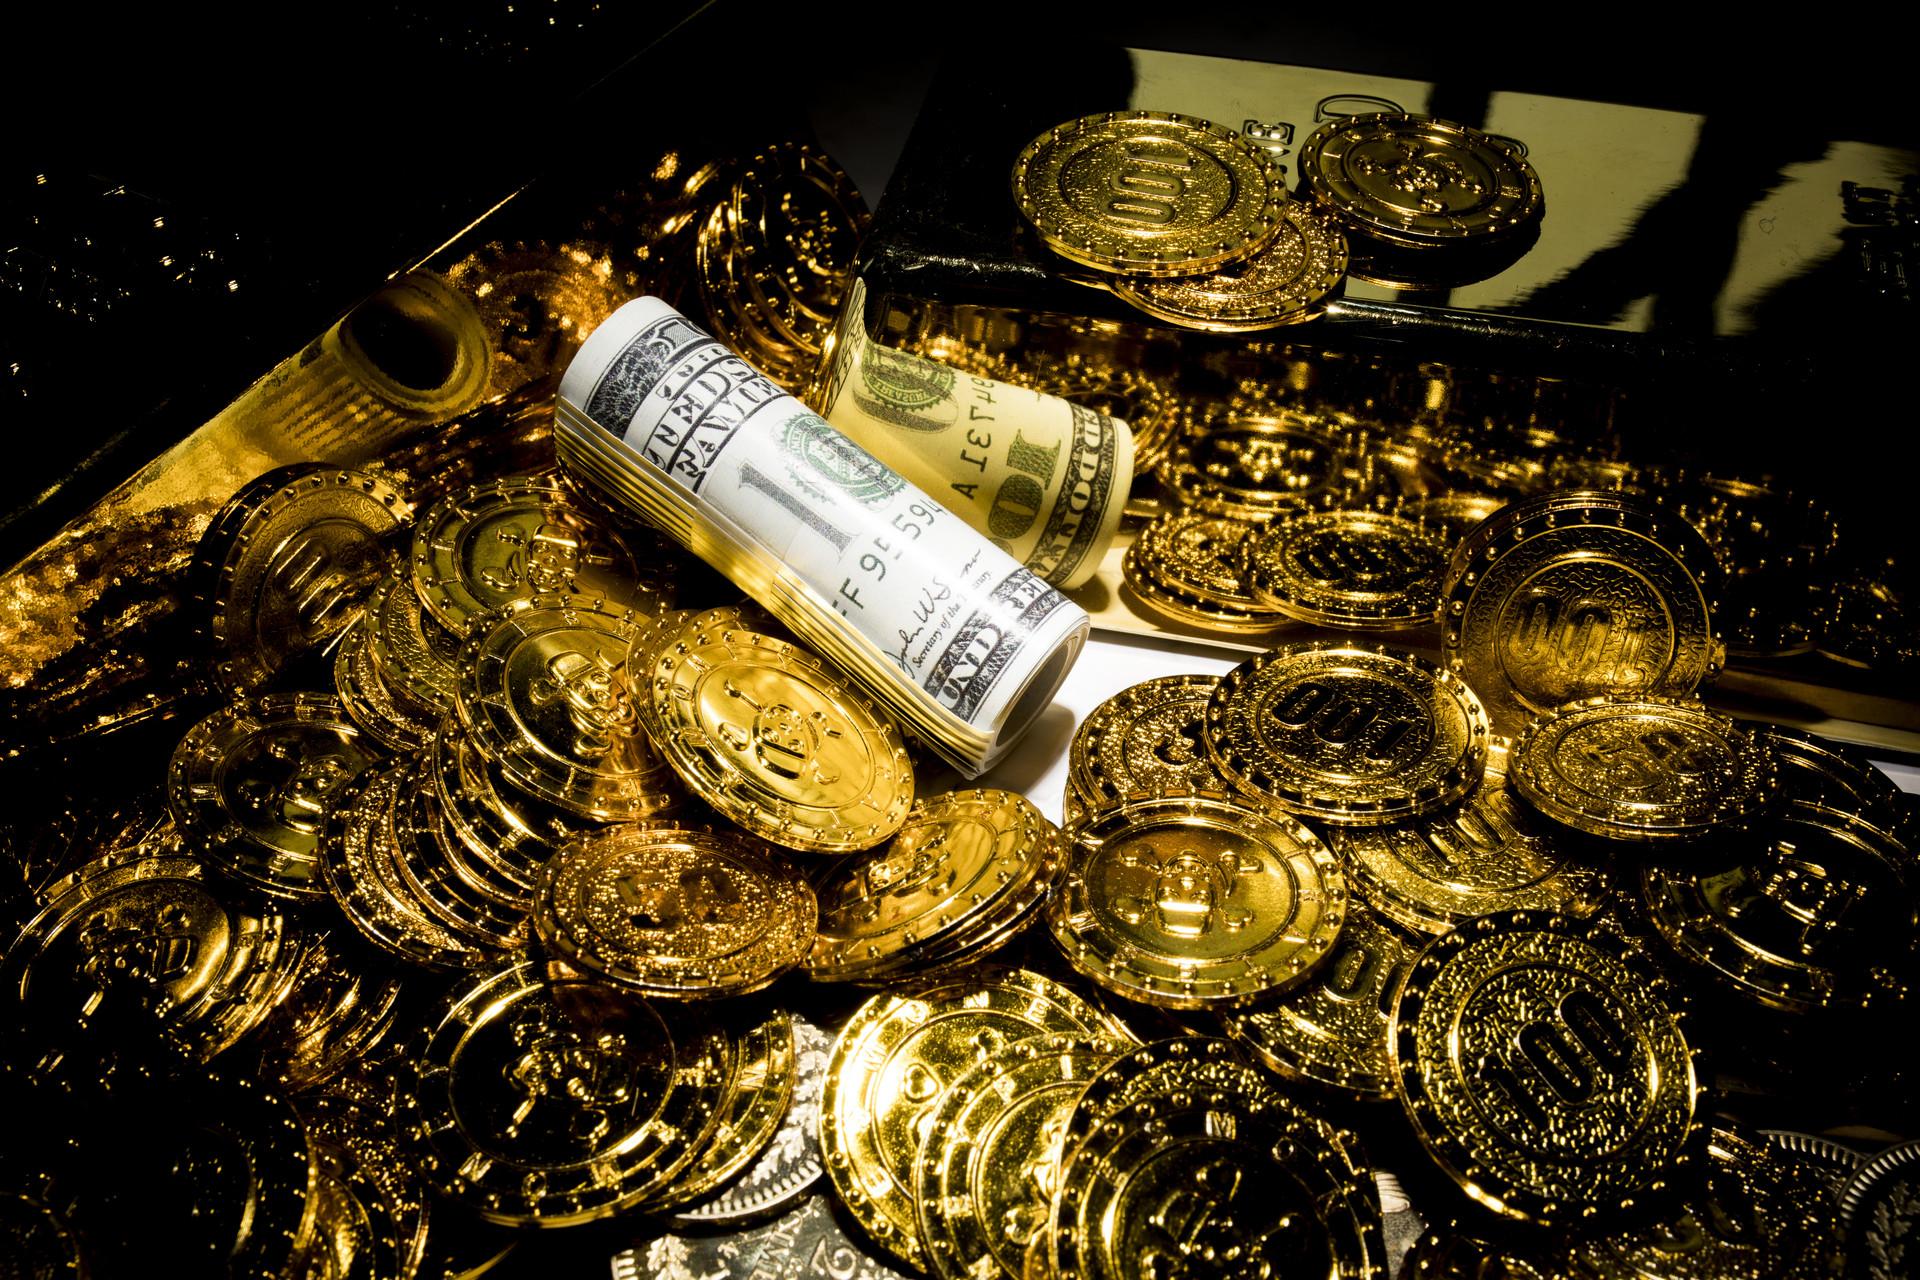 黃金走勢艱難,停留在1,750美元上方區間